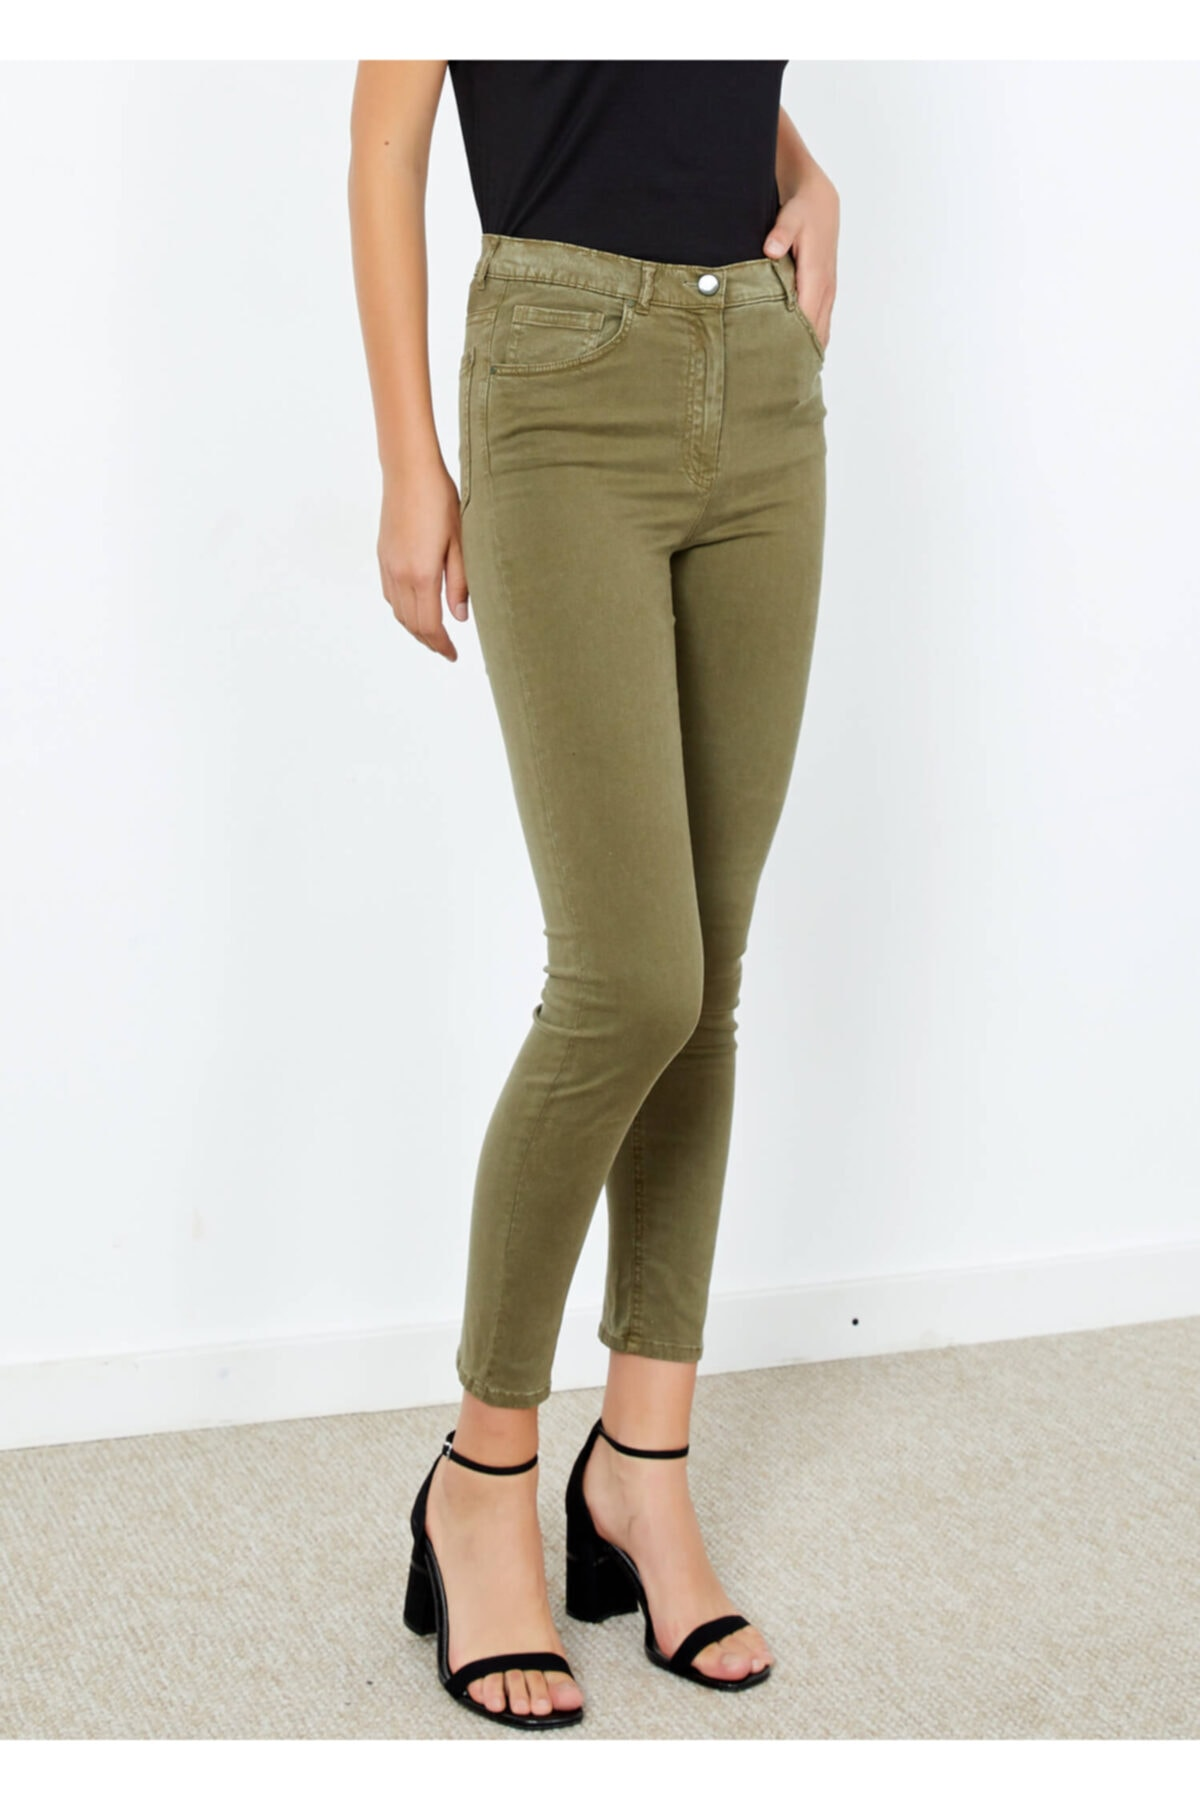 Adze Kadın Haki Dar Paça Slim Fit Pantolon Khaki 54 1